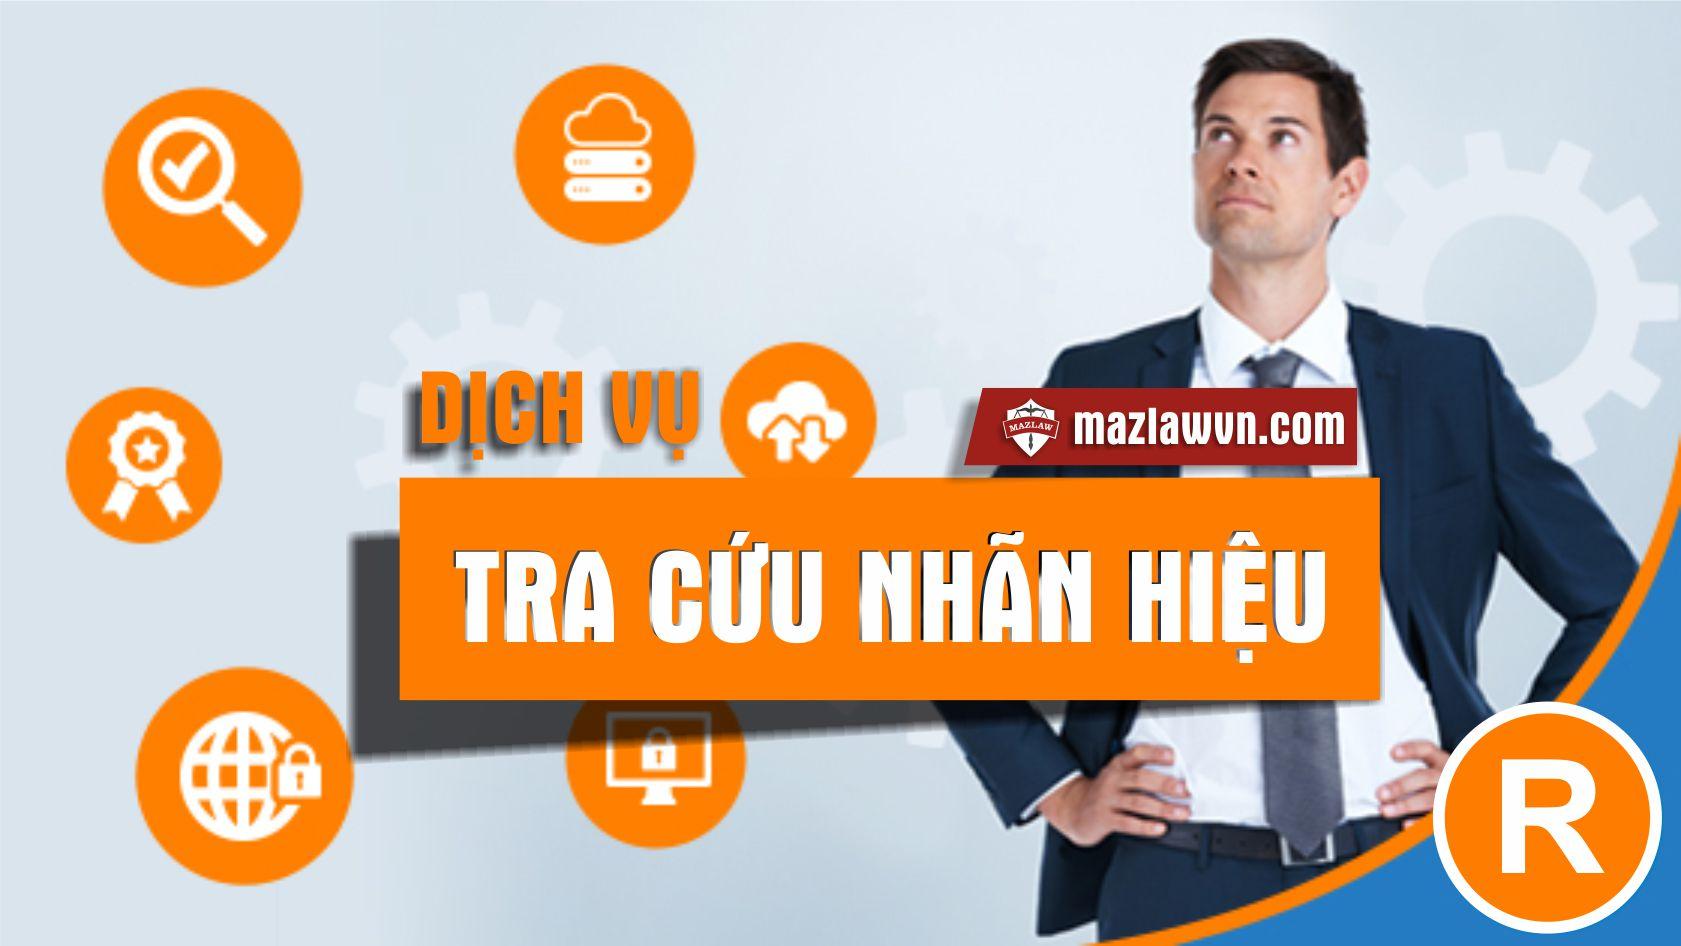 Dịch vụ tra cứu nhãn hiệu | MazLaw | Luật Maz